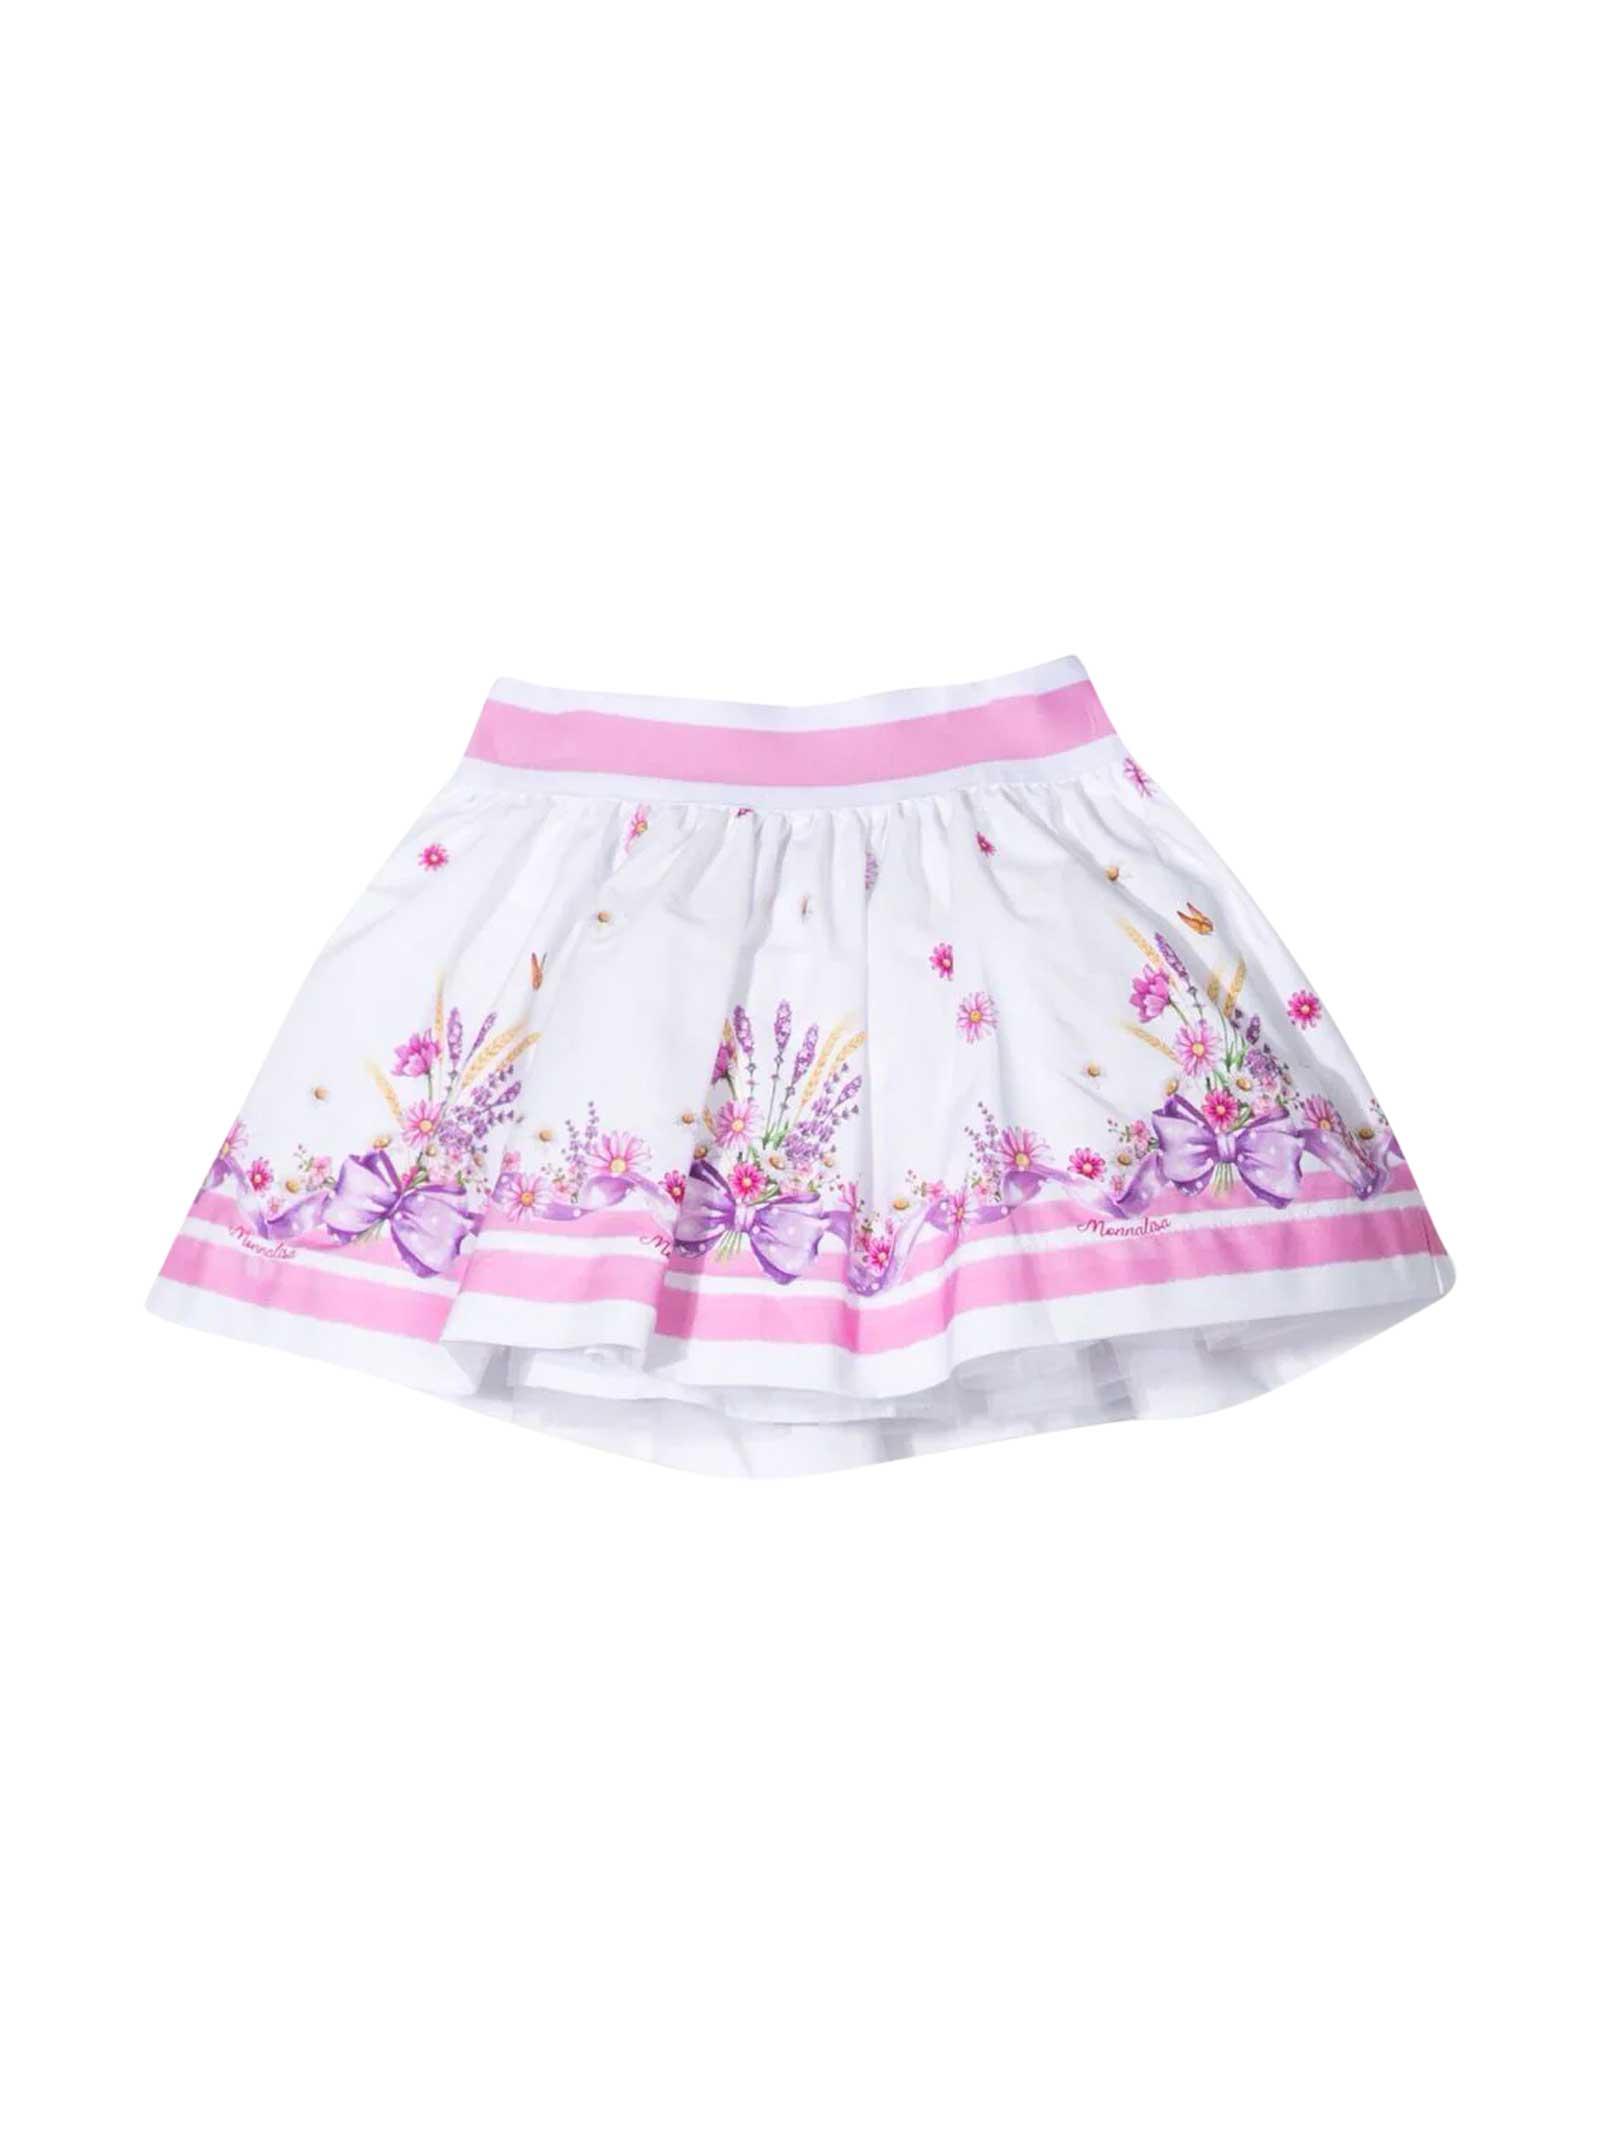 Monnalisa Pleated Skirt